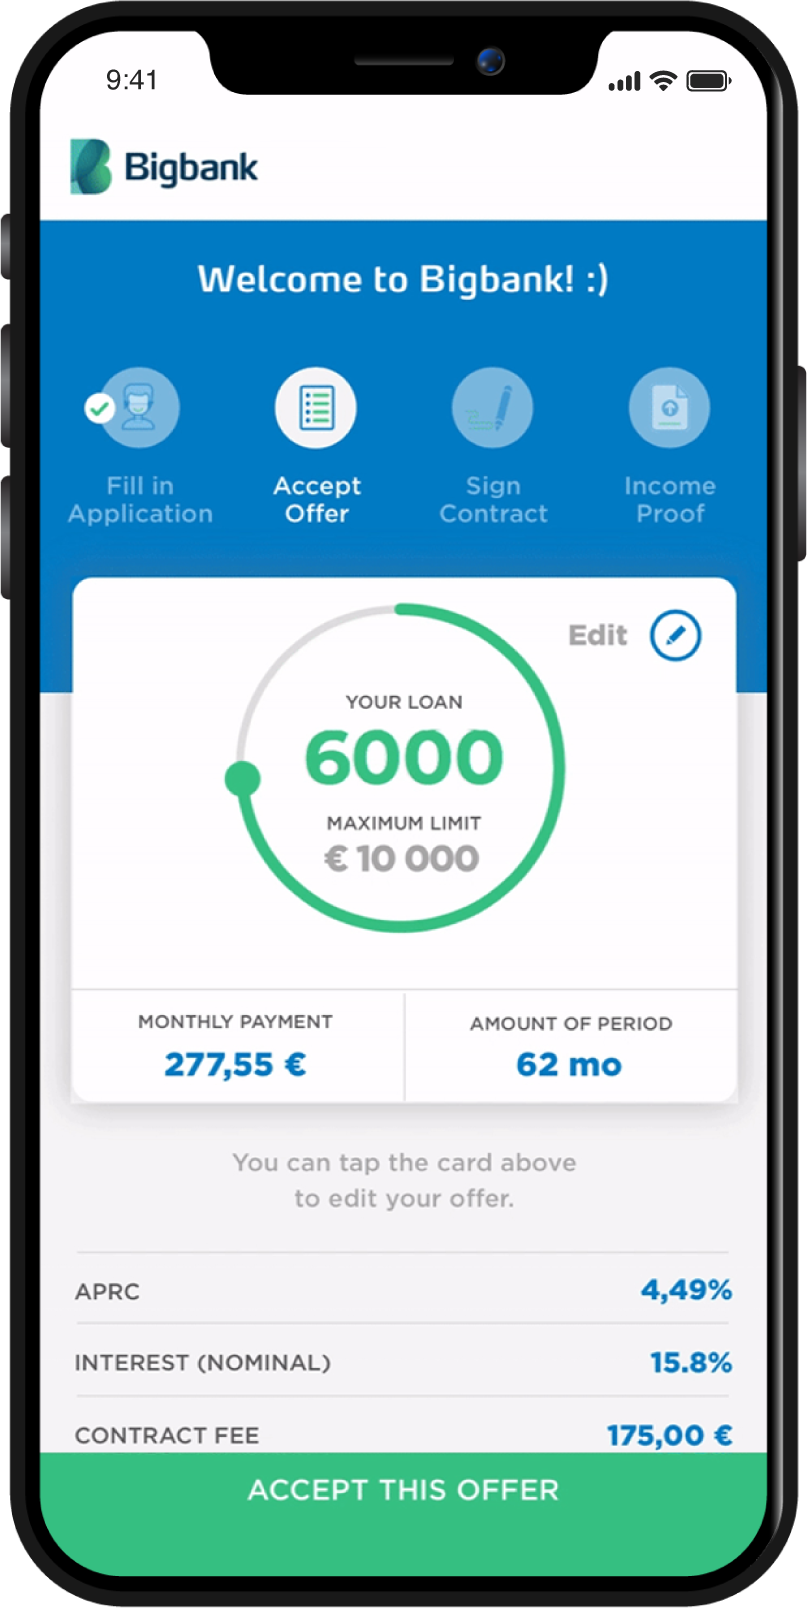 Bigbank App